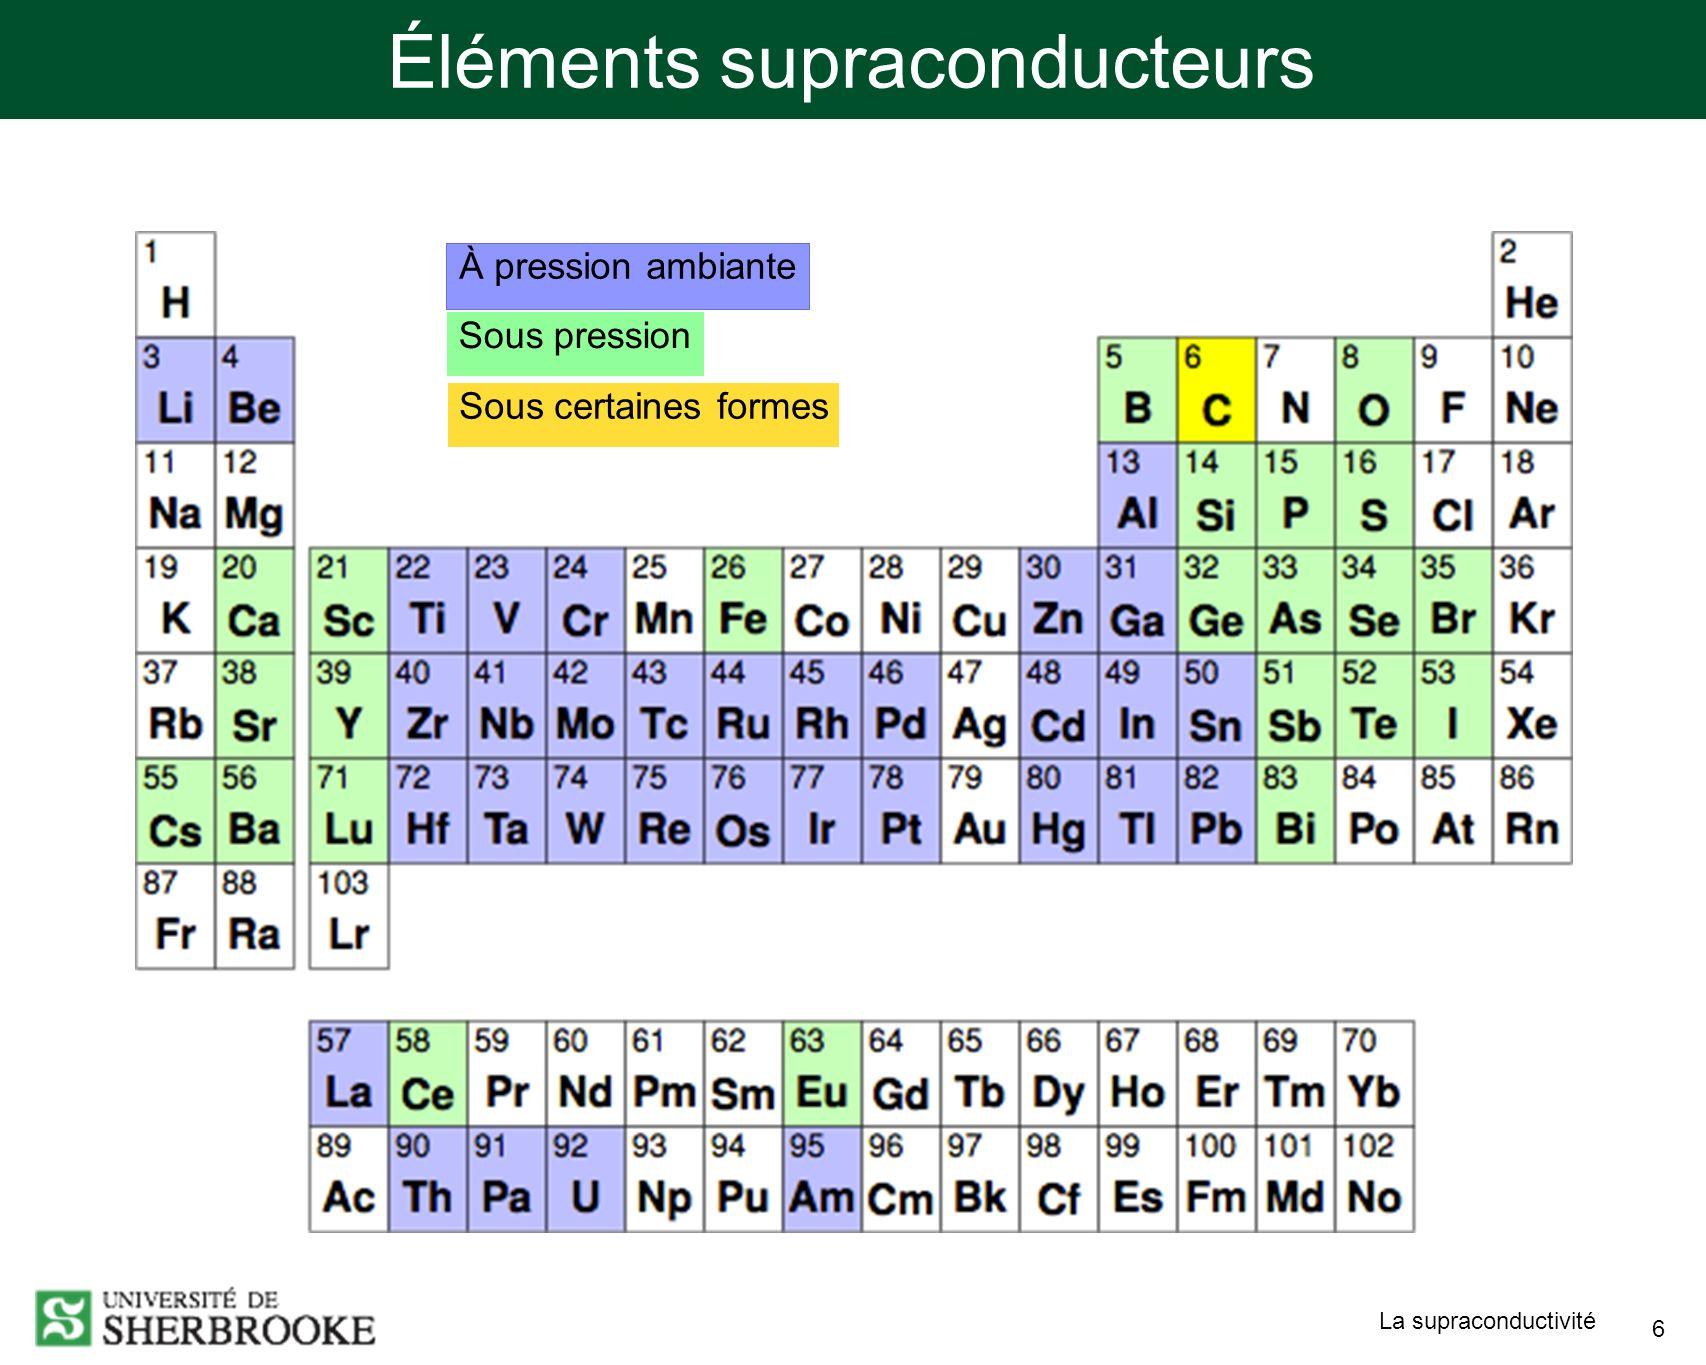 La supraconductivité 47 Science vs Technologie ScienceTechnologie La thermodynamique (Carnot 1824, Clausius ~1840) La machine à vapeur (Watt, 1765) Linduction électromagnétique (Faraday, 1831) La dynamo et le moteur électrique (~1870/1880) Lélectron (Perrin-Thomson 1897) La télévision (~1923) La mécanique quantique des solides (~1930) Le transistor (1947) La révolution informatique (1980+) Le laser (1960) Le compact disc (~1980) La supraconductivité (1911) en cours...